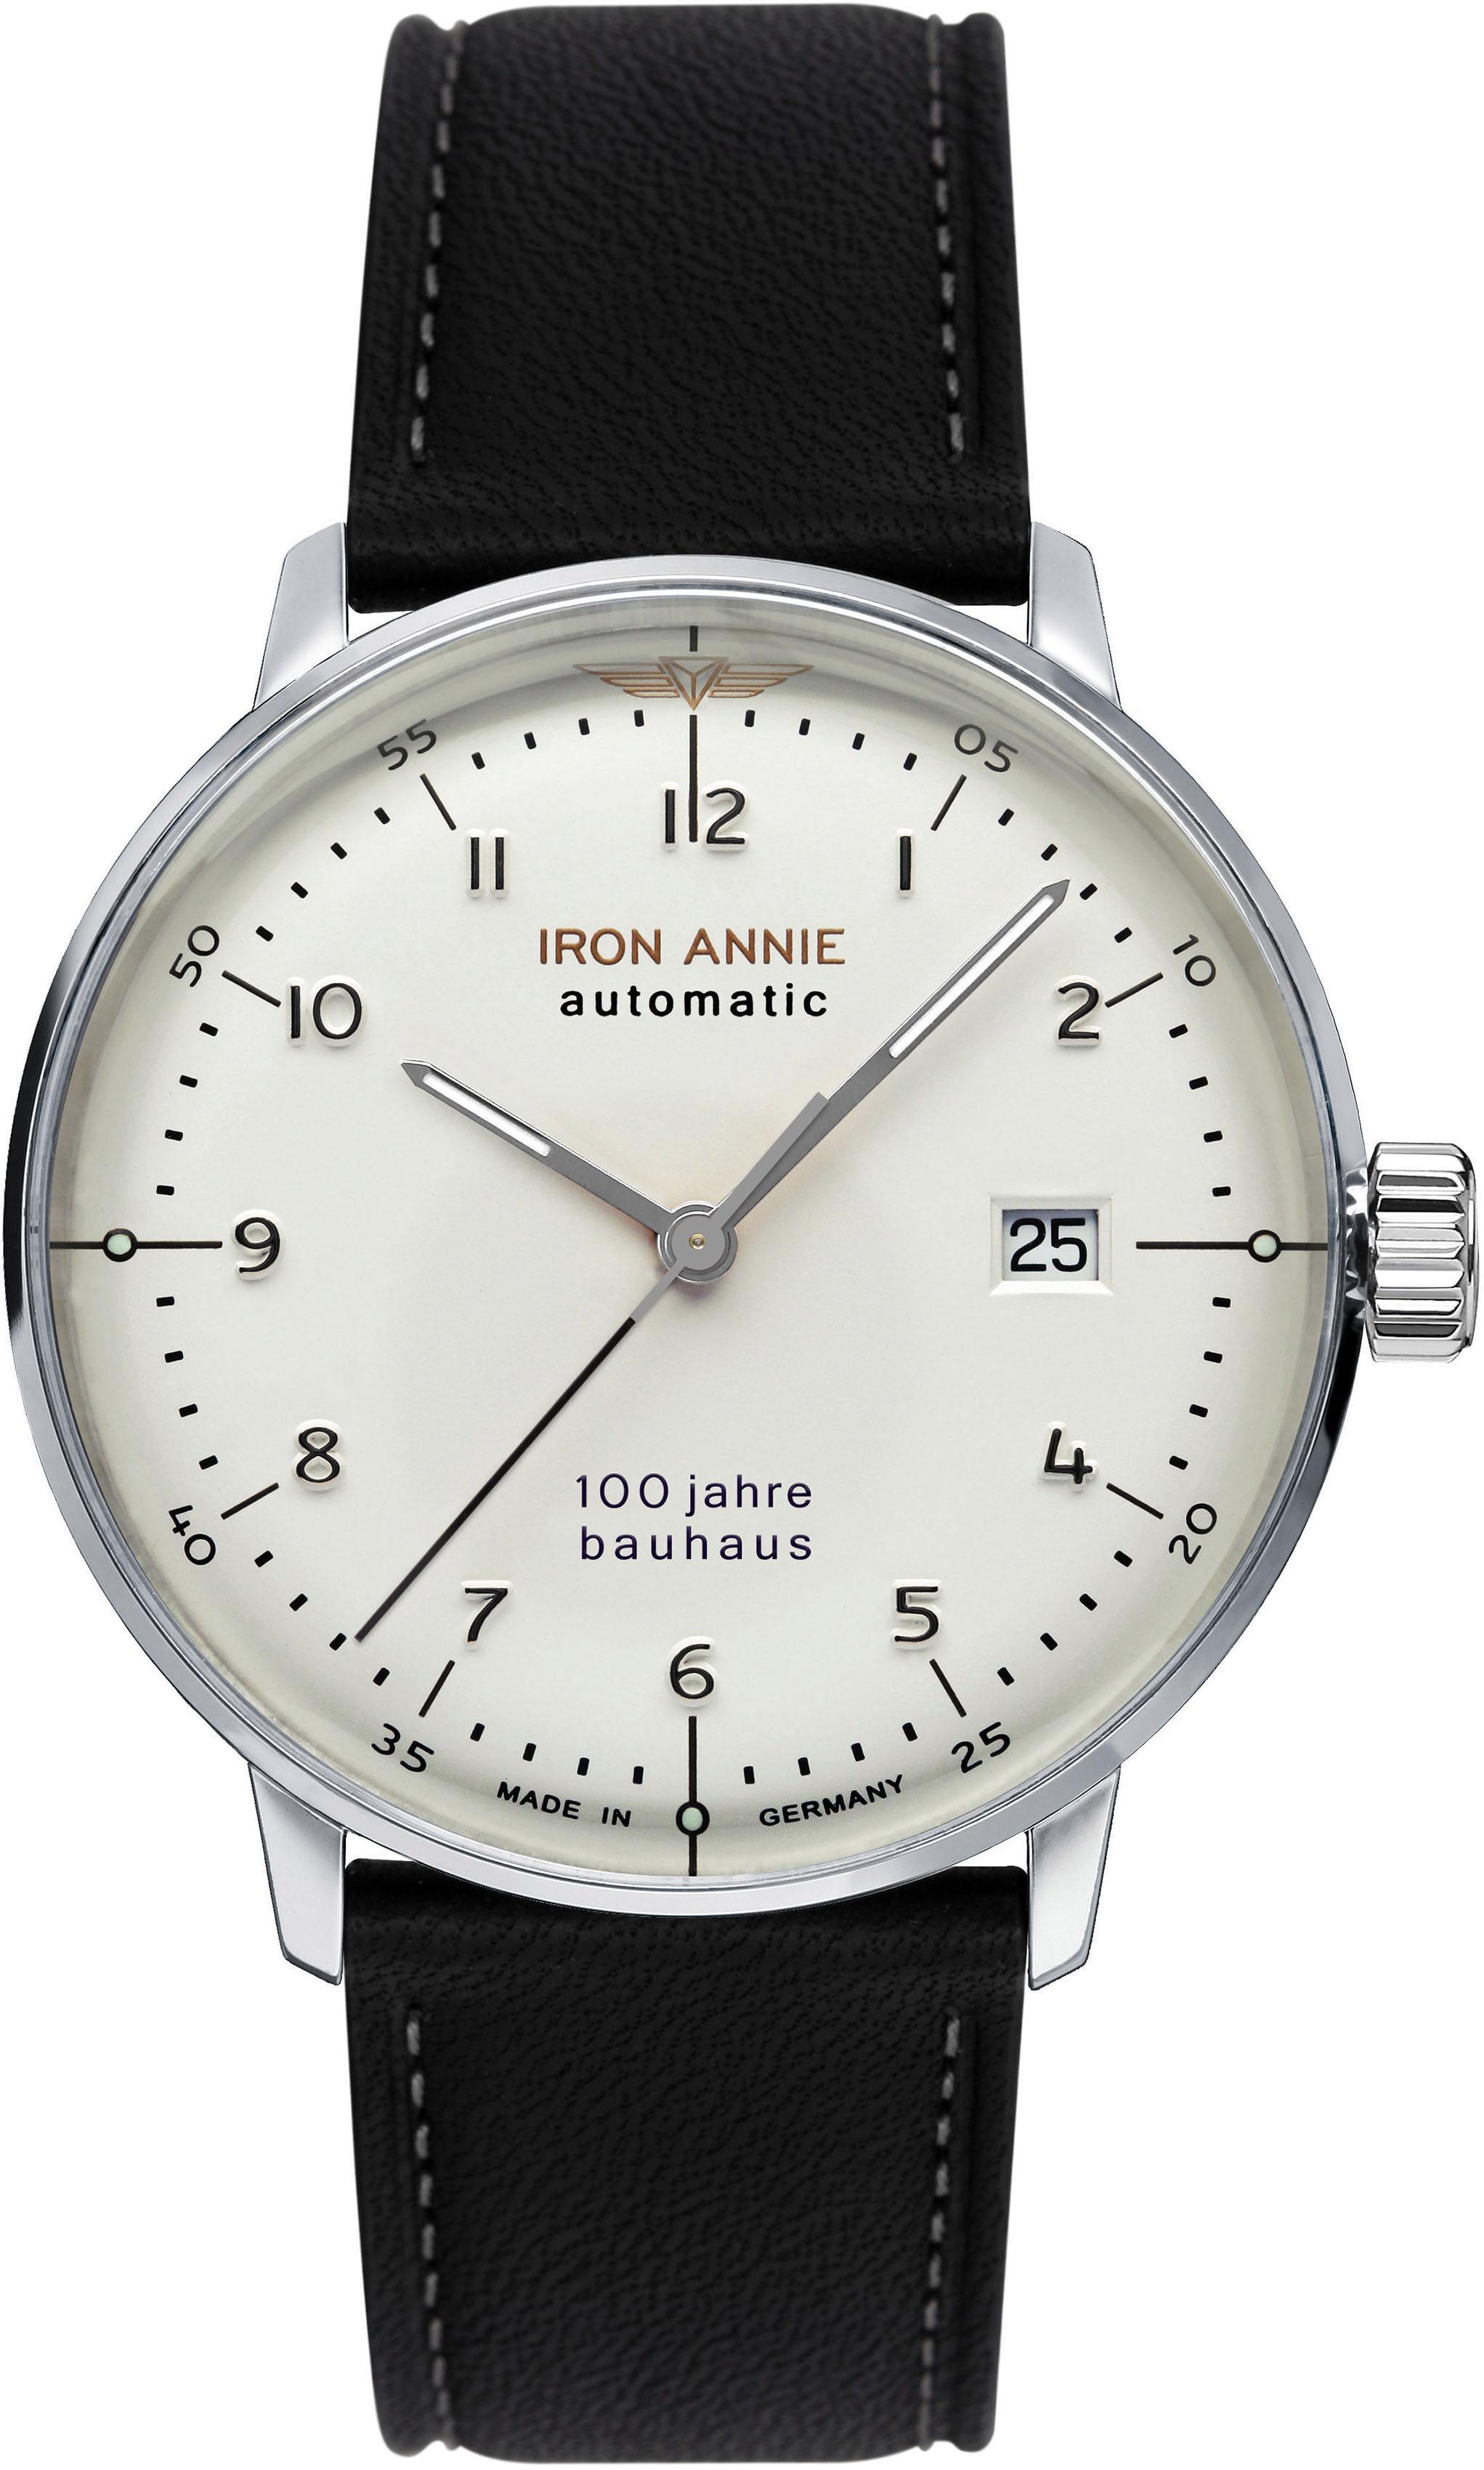 IRON ANNIE Automatikuhr Bauhaus 5056-1 | Uhren > Automatikuhren | Iron Annie